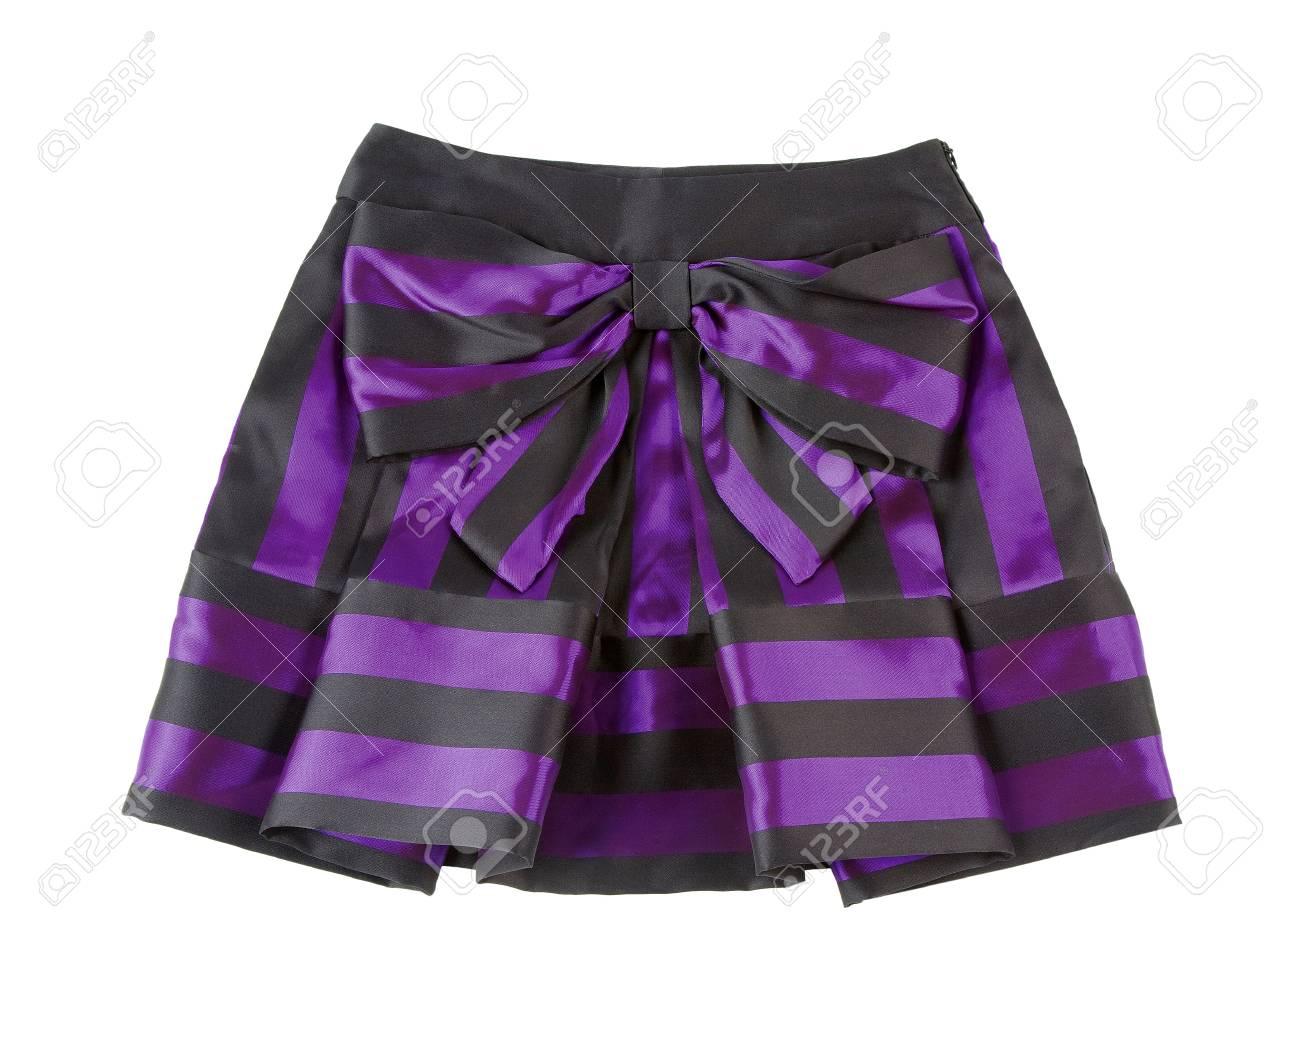 74d6c9e10 Satinado a rayas falda plisada mini-púrpura aislado en el camino blanco  Clipping fondo incluido